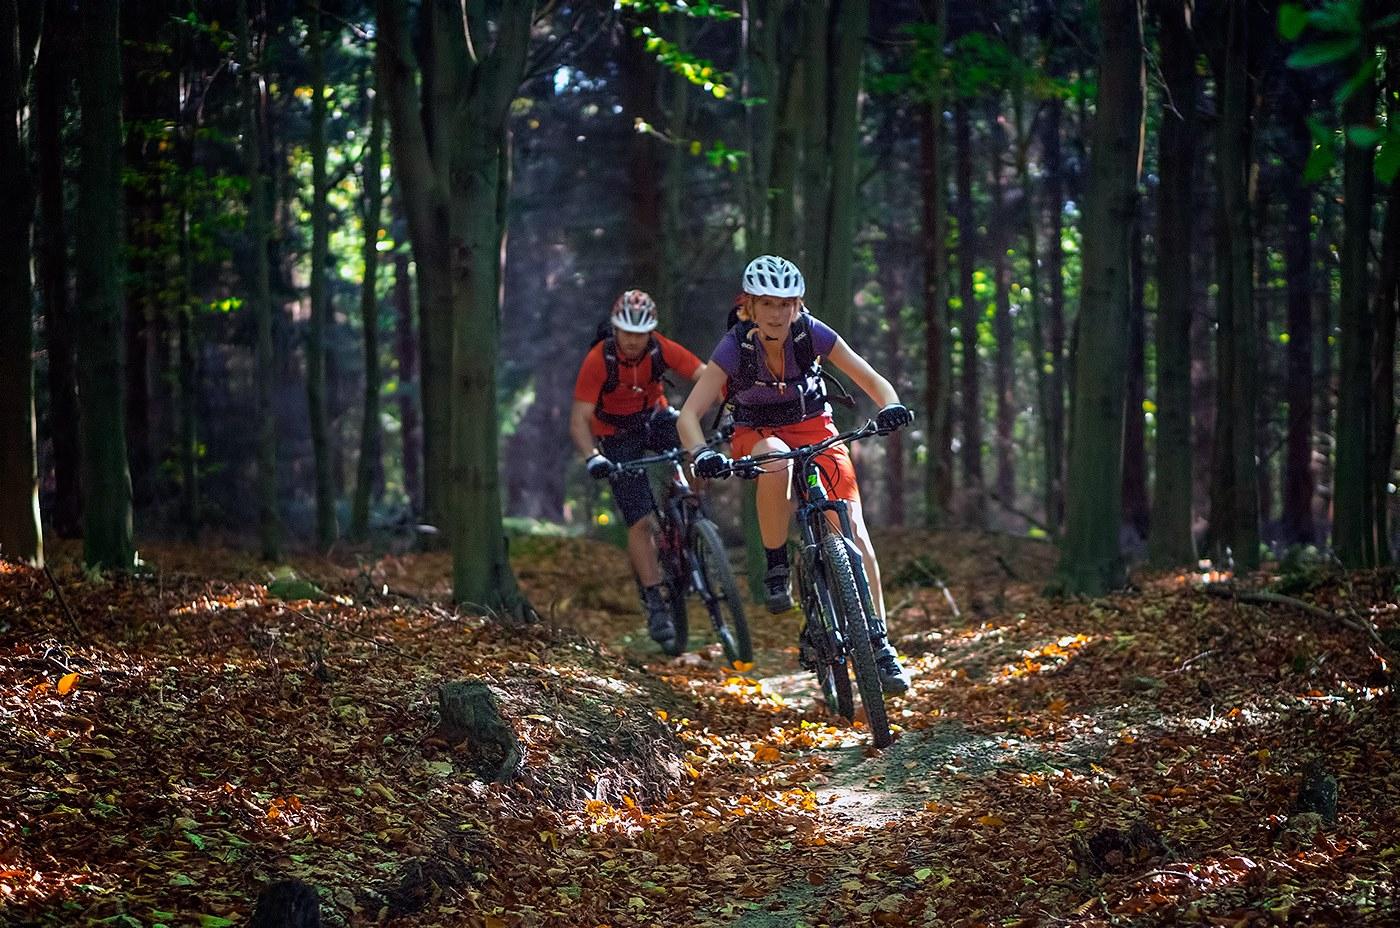 Sigltrek si užije každý, záleží jen na rychlosti (foto: Jan Mocňák)